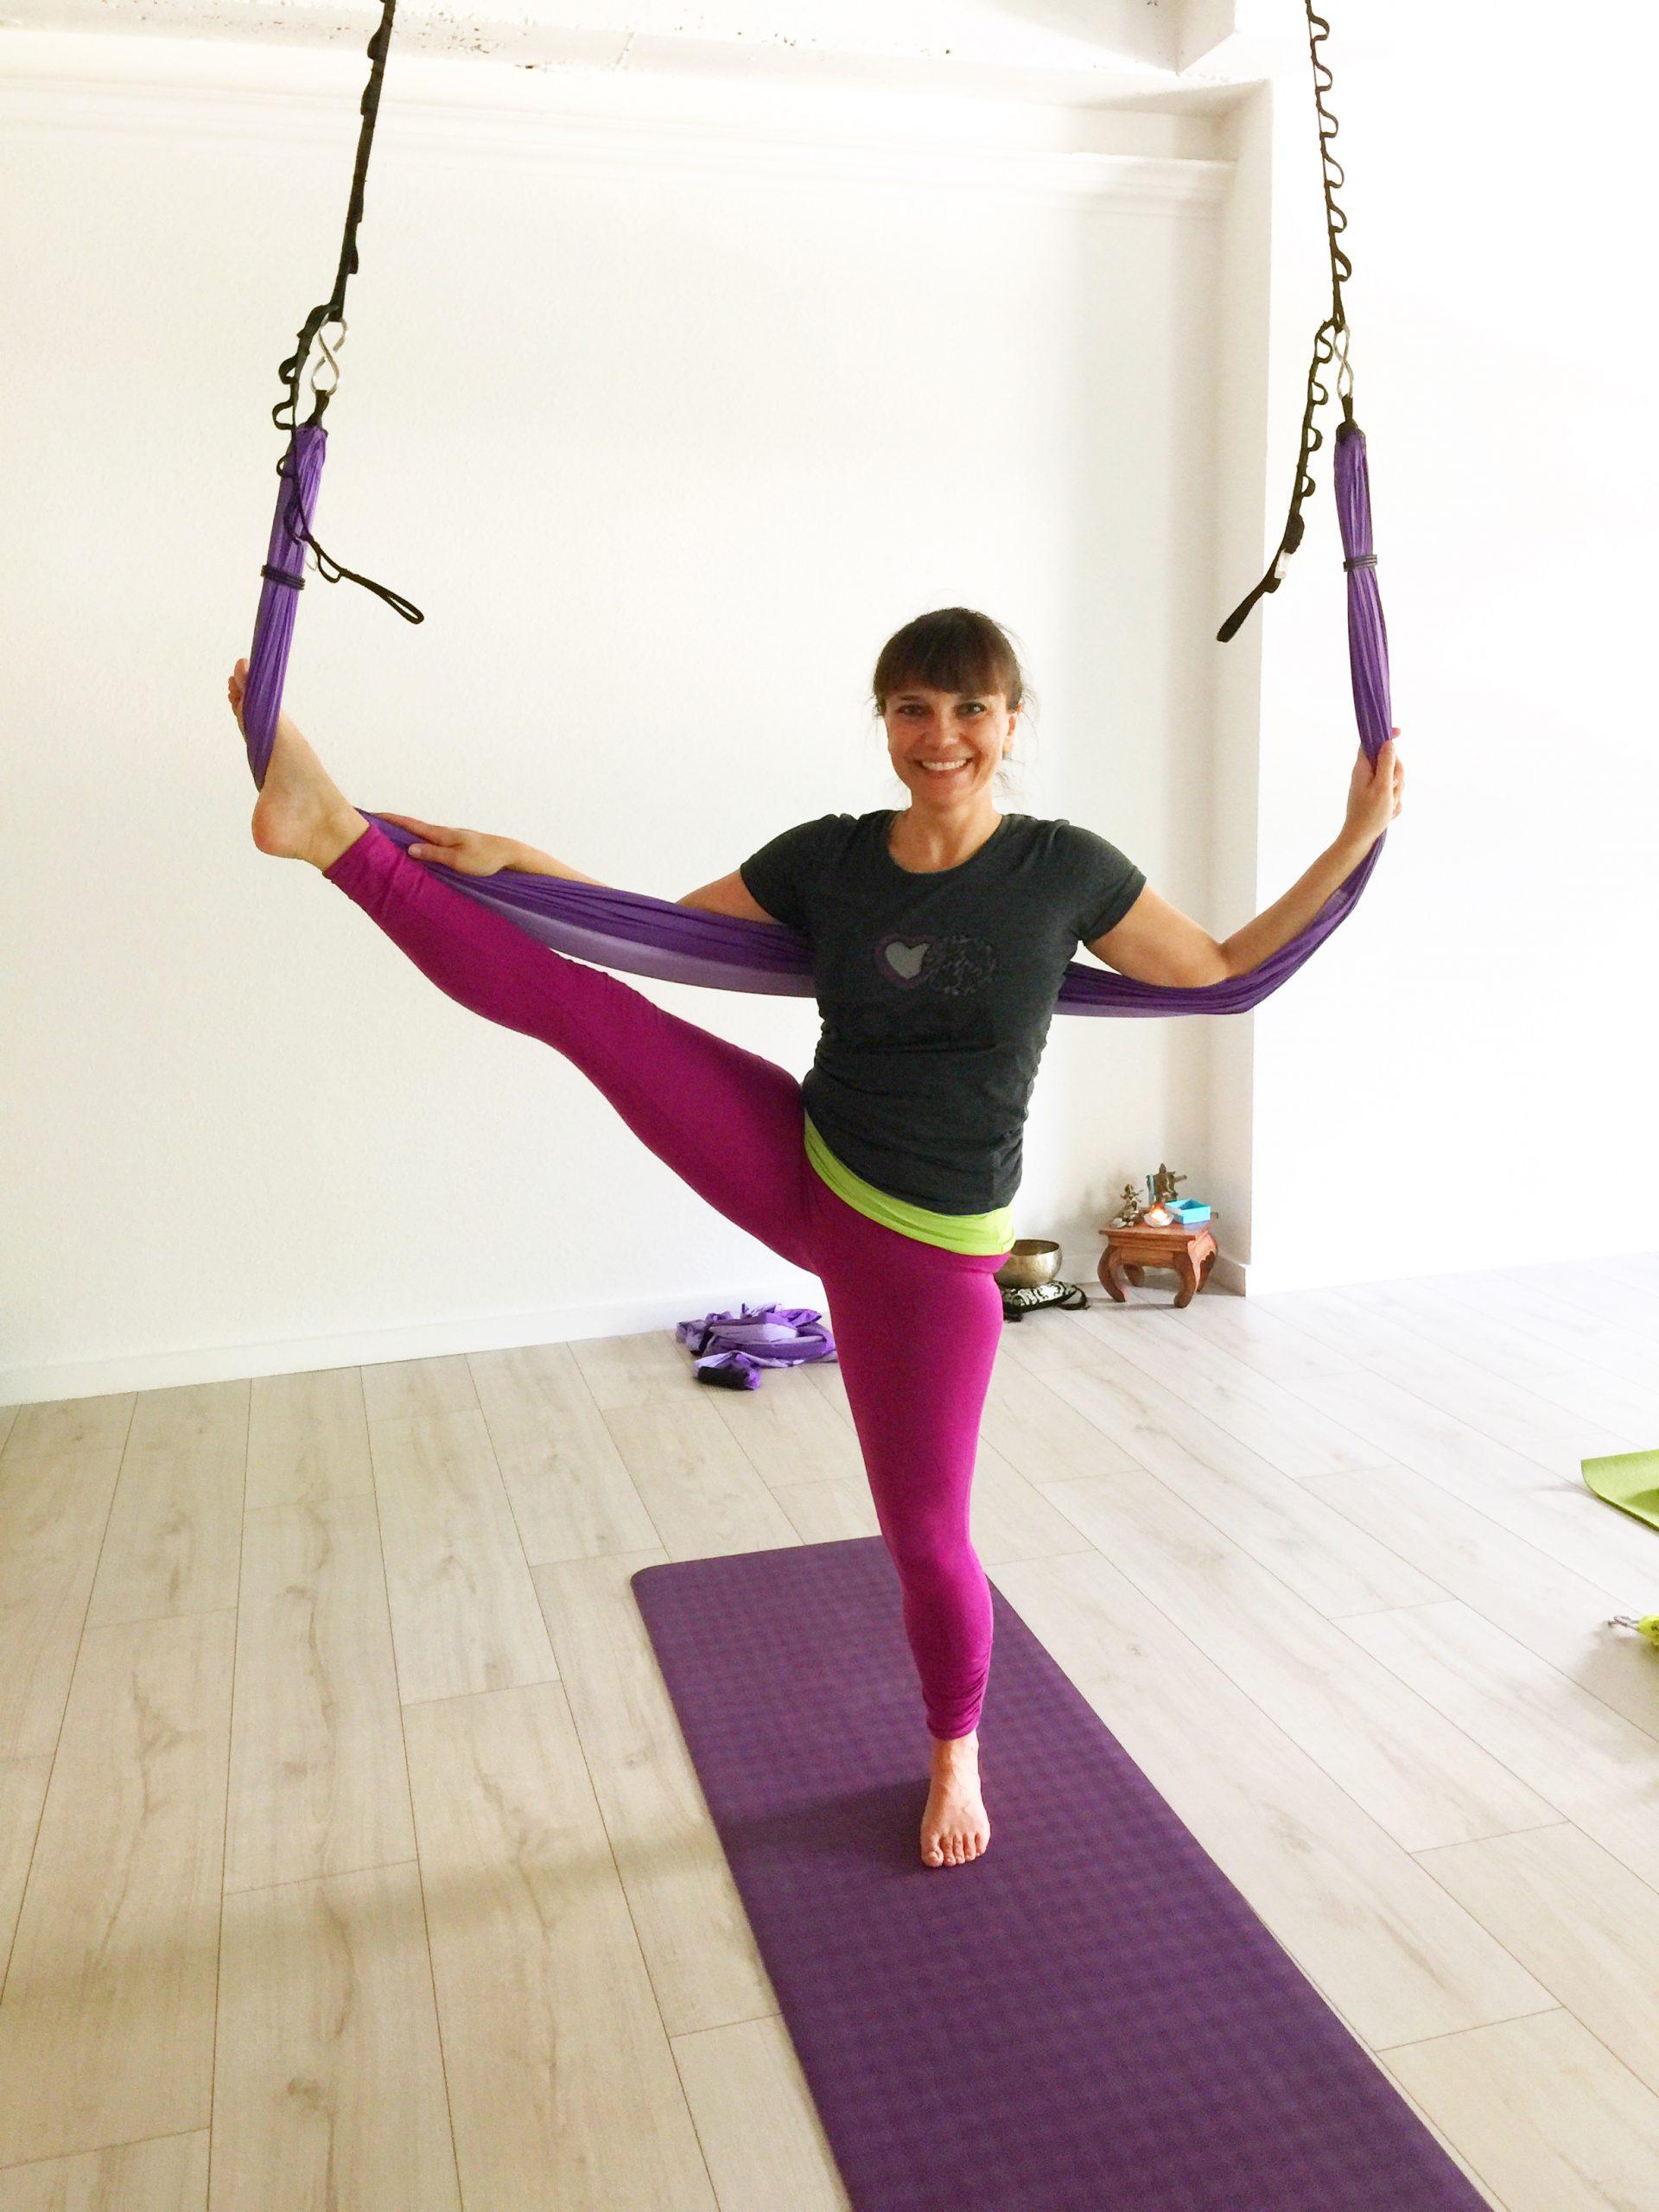 Wieder Yoga im Tuch